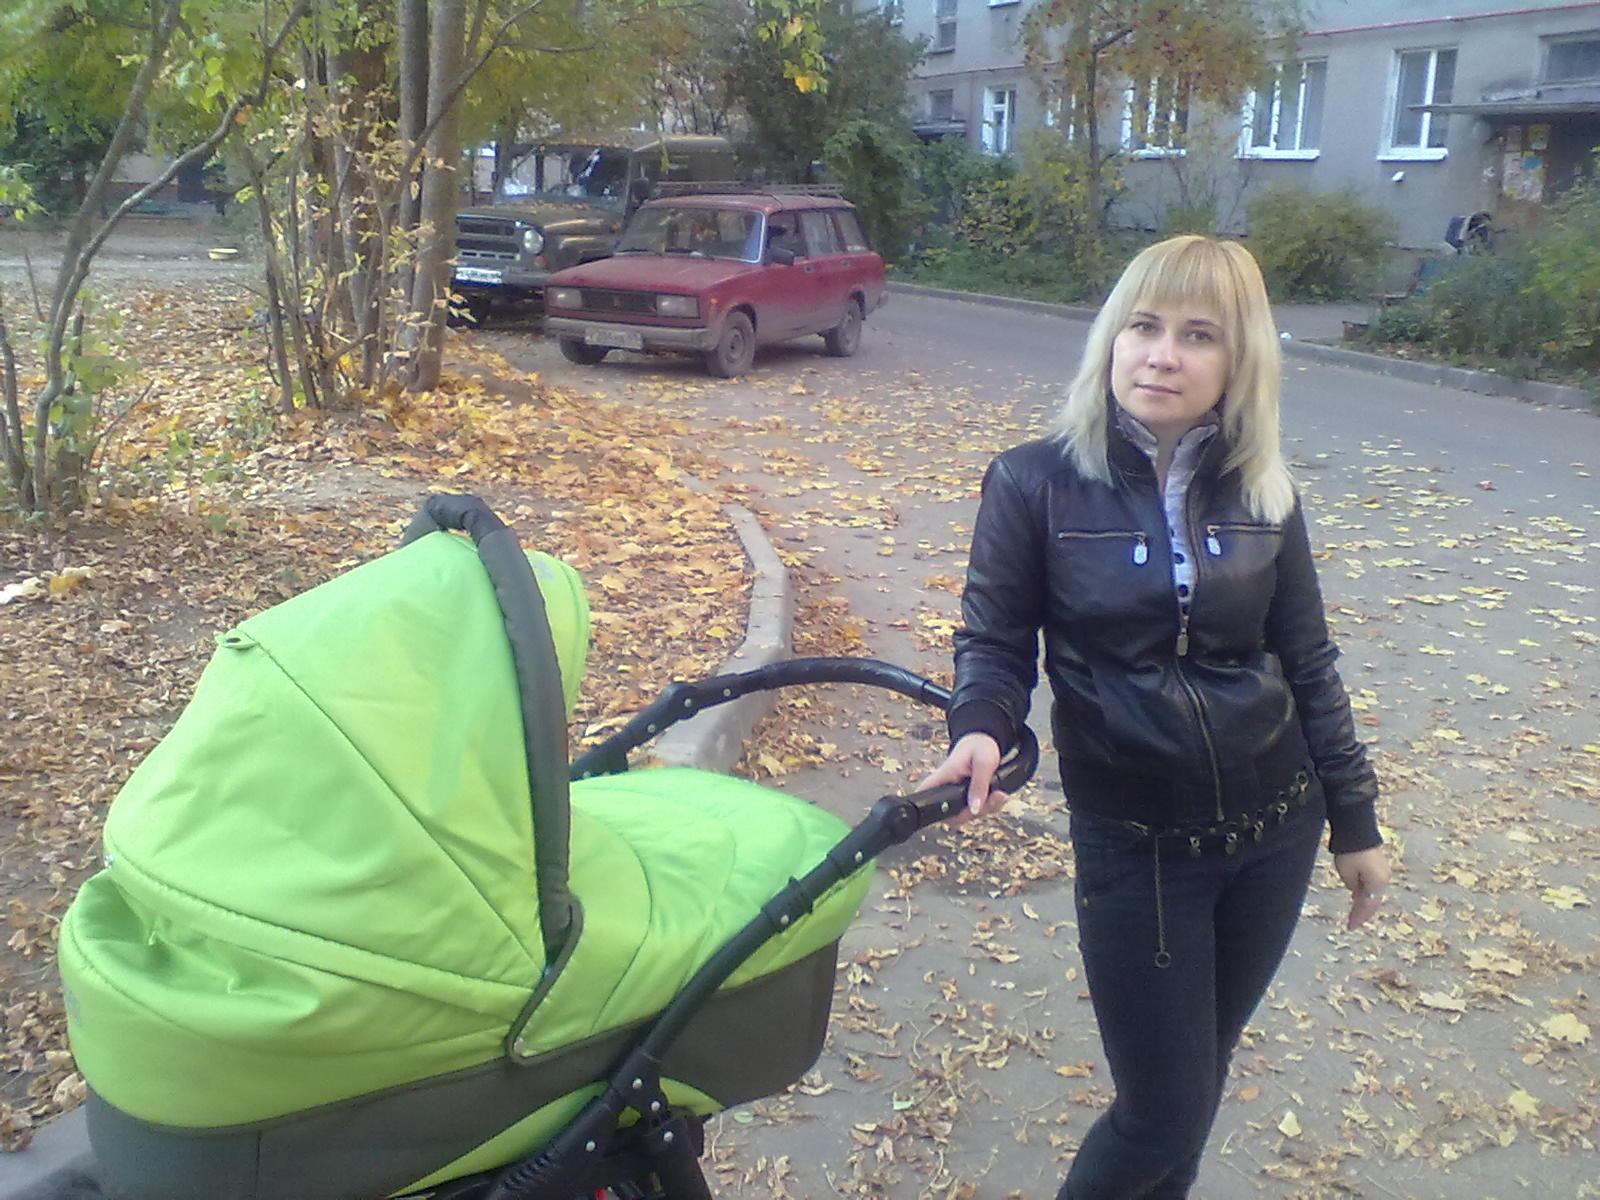 первая прогулка))). С мамой на прогулке